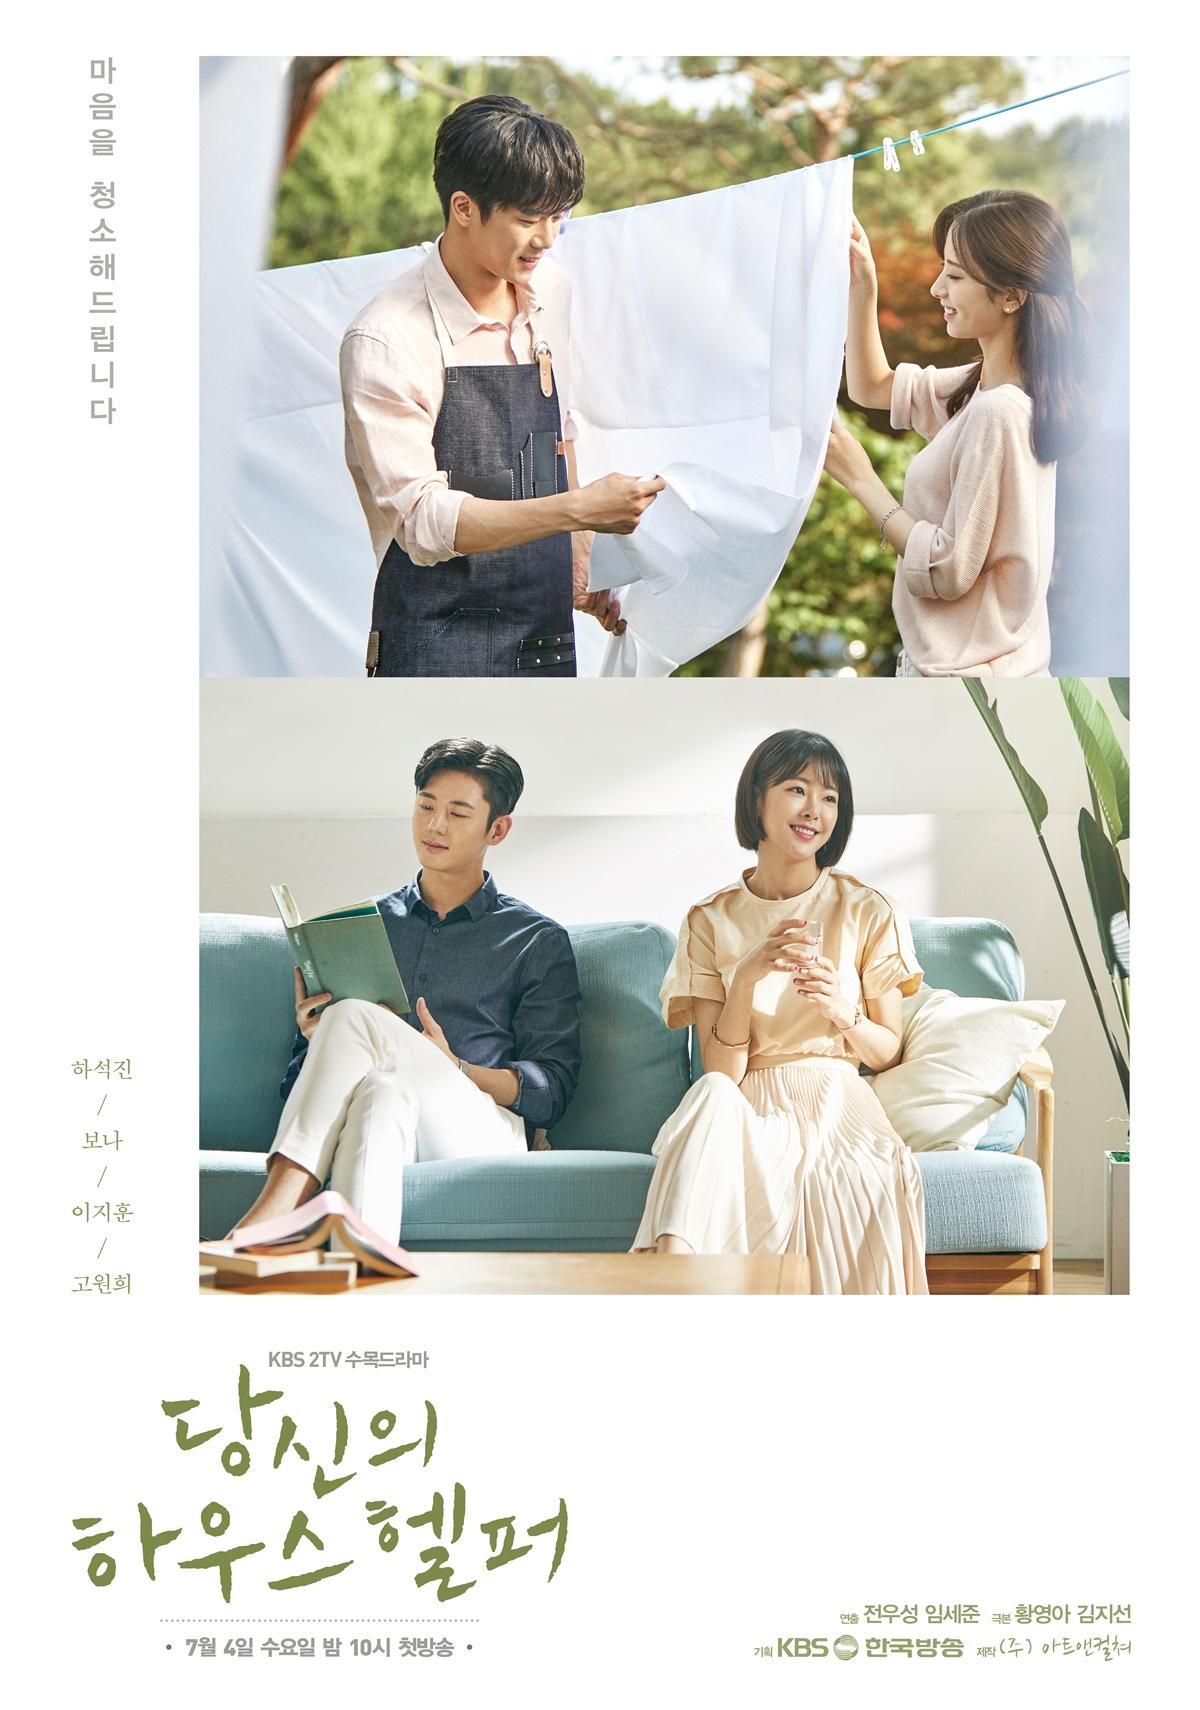 [월간드라마] 7월 첫 방송 드라마만 무려 9편? 행복한 고민 시작된다